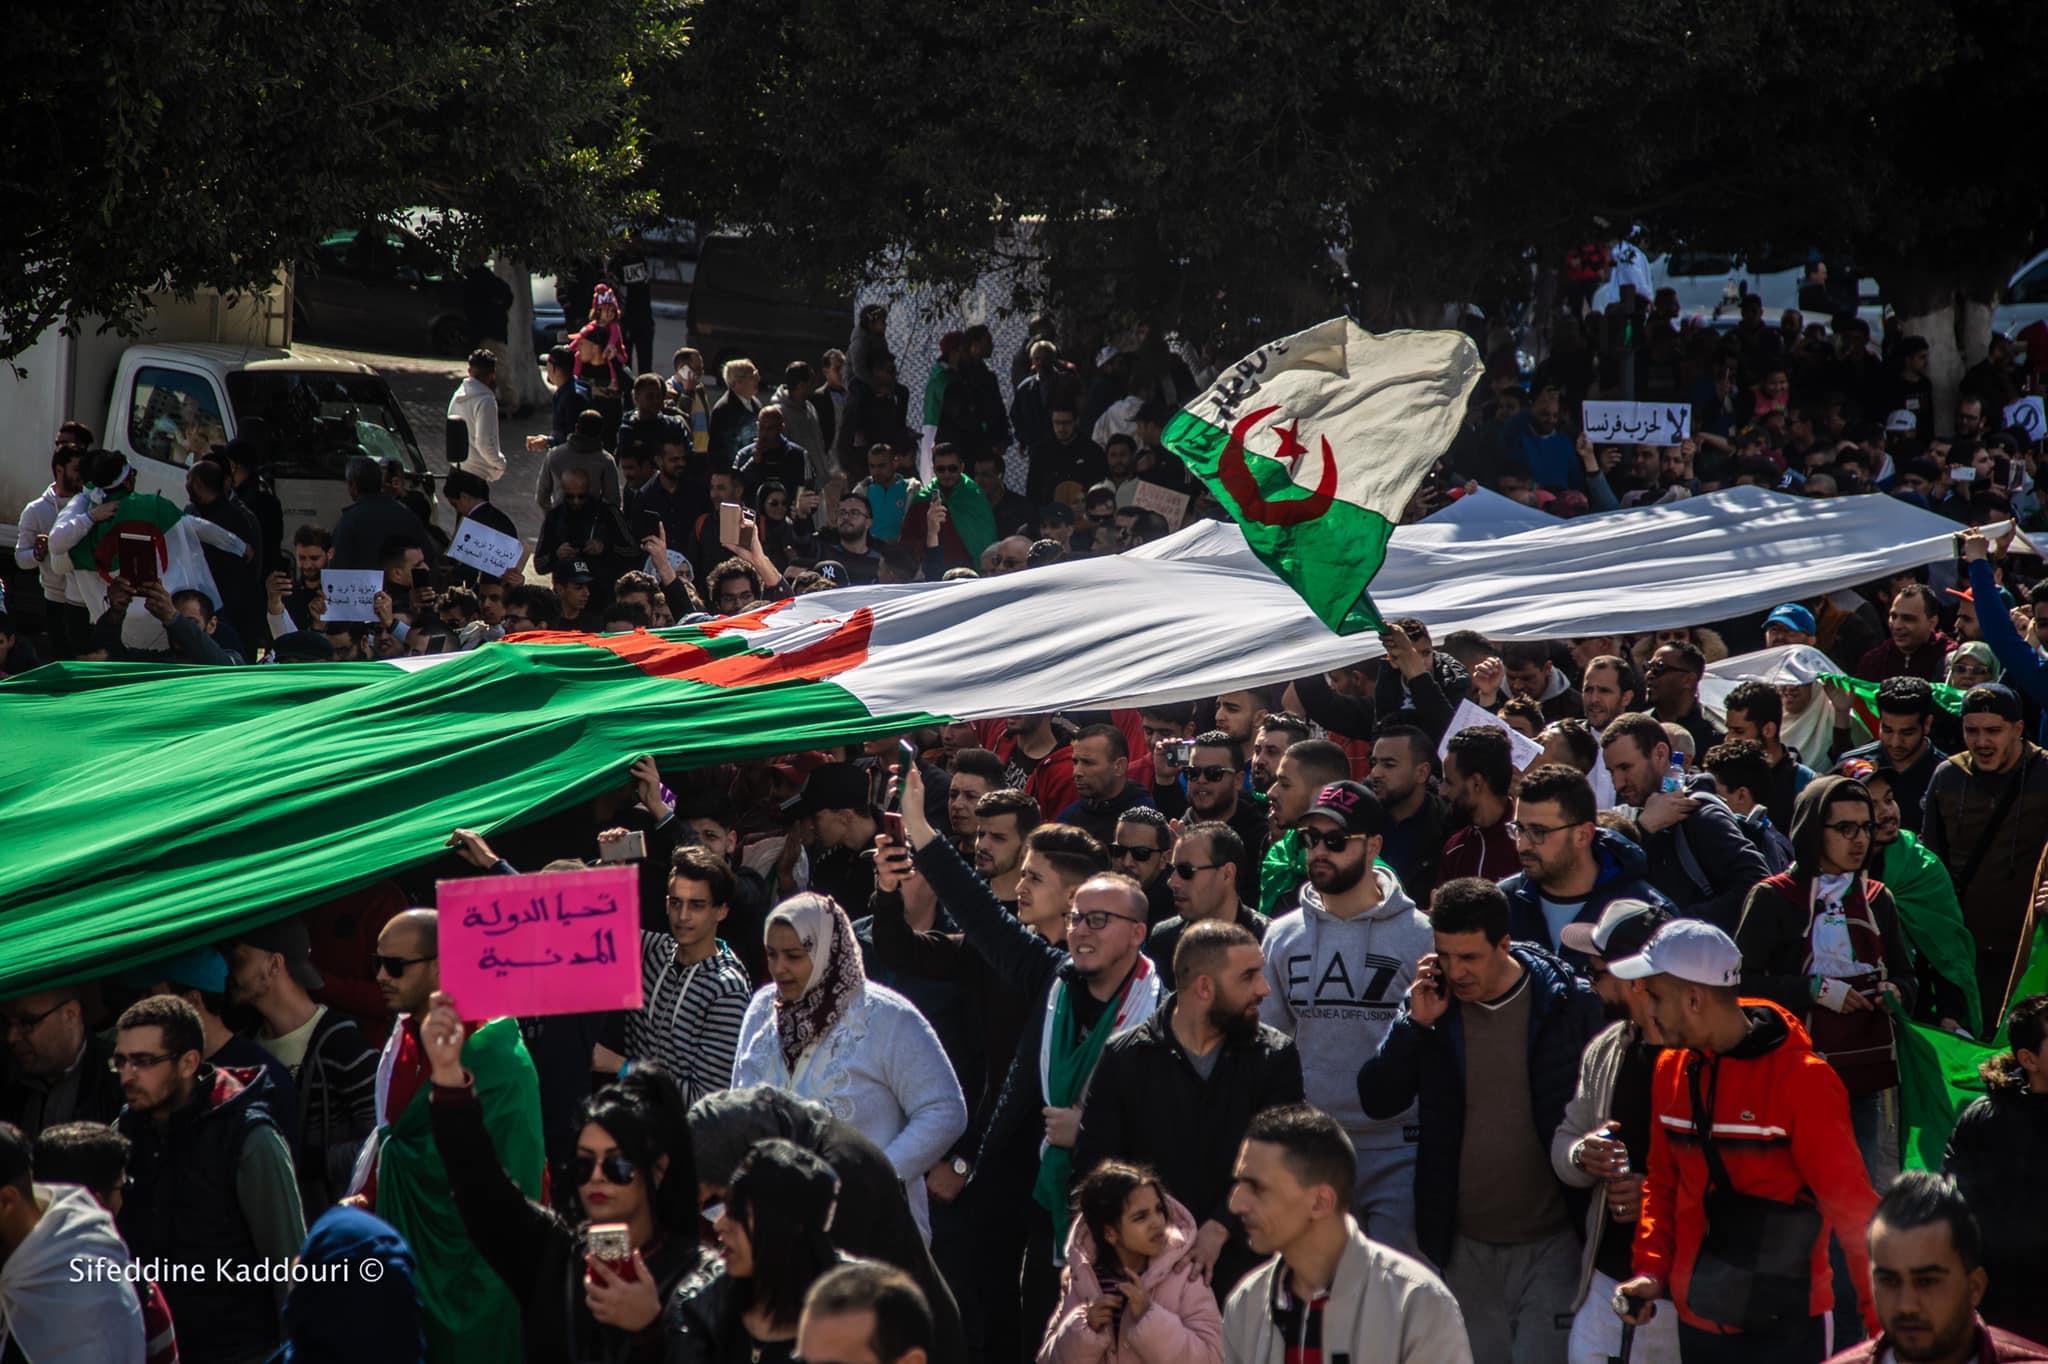 Tłum protestujących w Algierii trzyma nad głowami gigantyczną flagę tego kraju